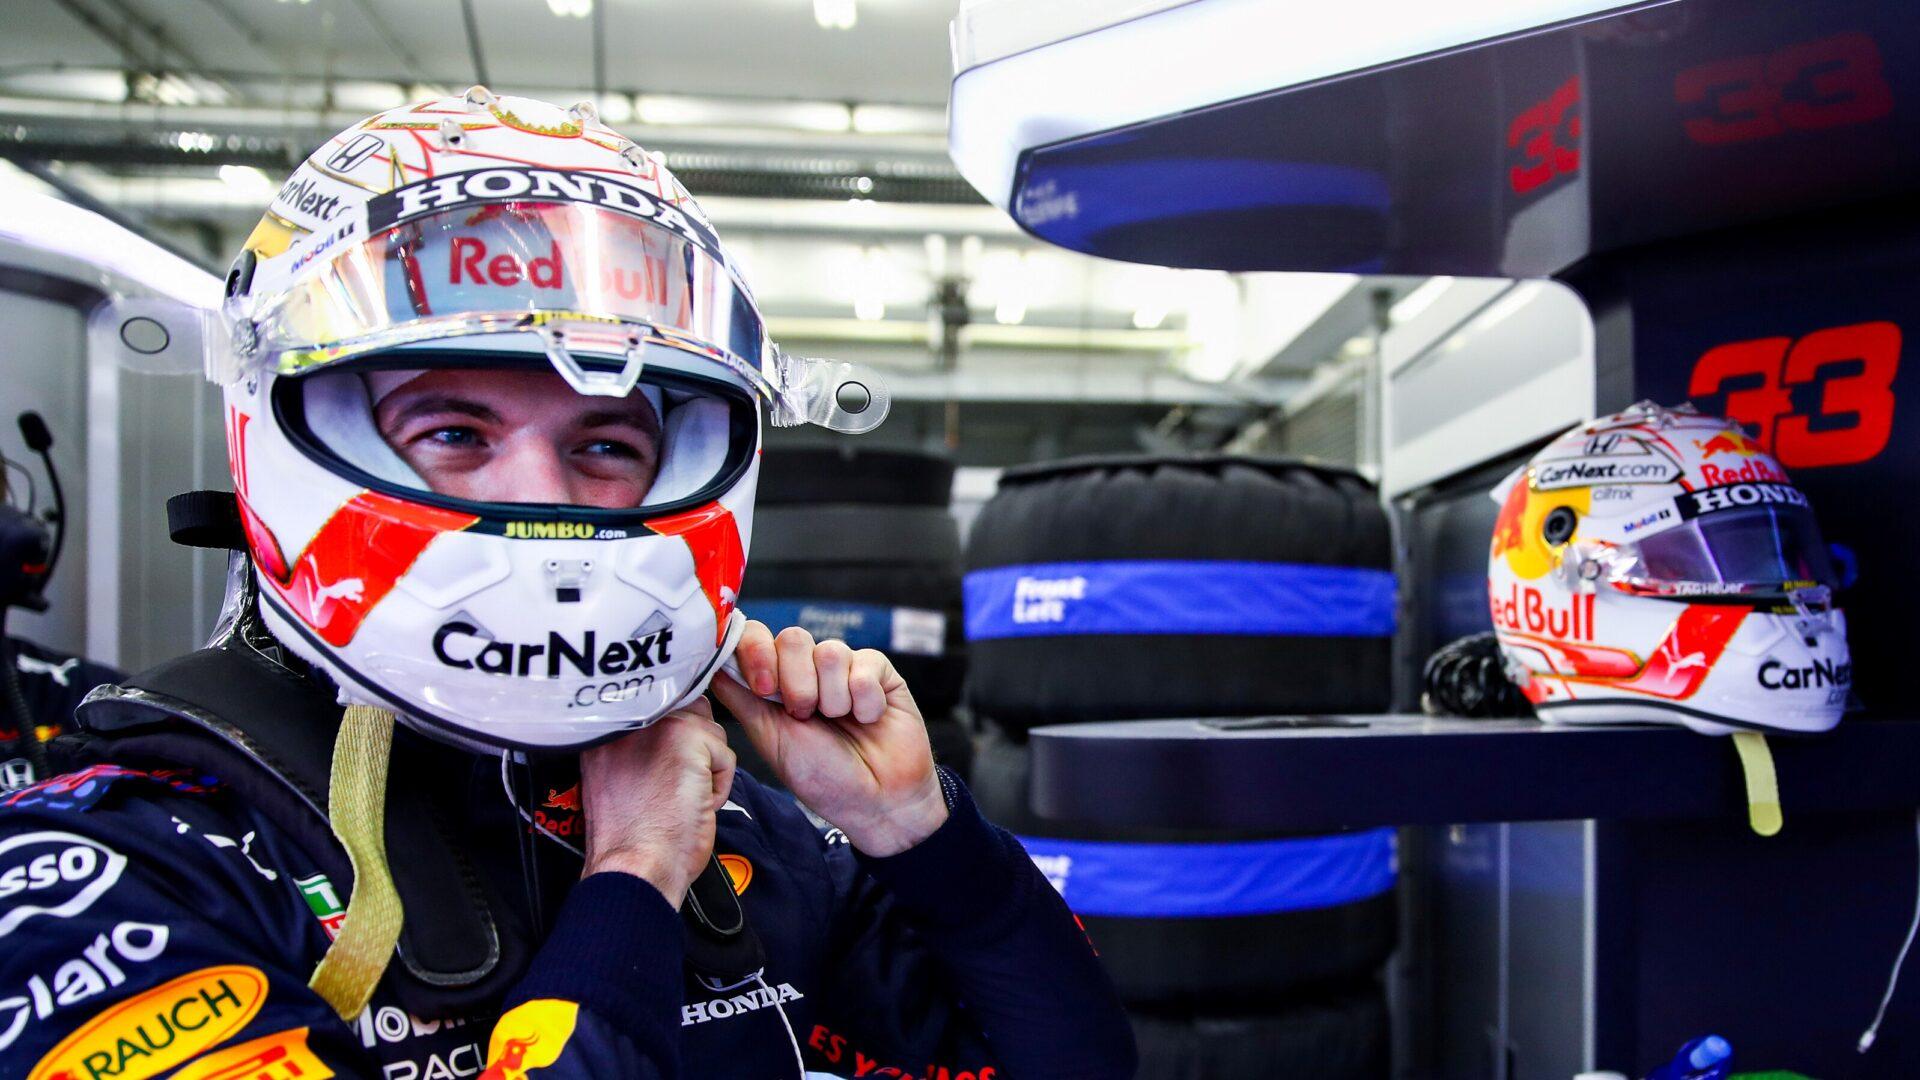 Πρεμιέρα σήμερα για τη F1- Κυρίαρχος ο Verstappen στις δοκιμές του Μπαχρέιν